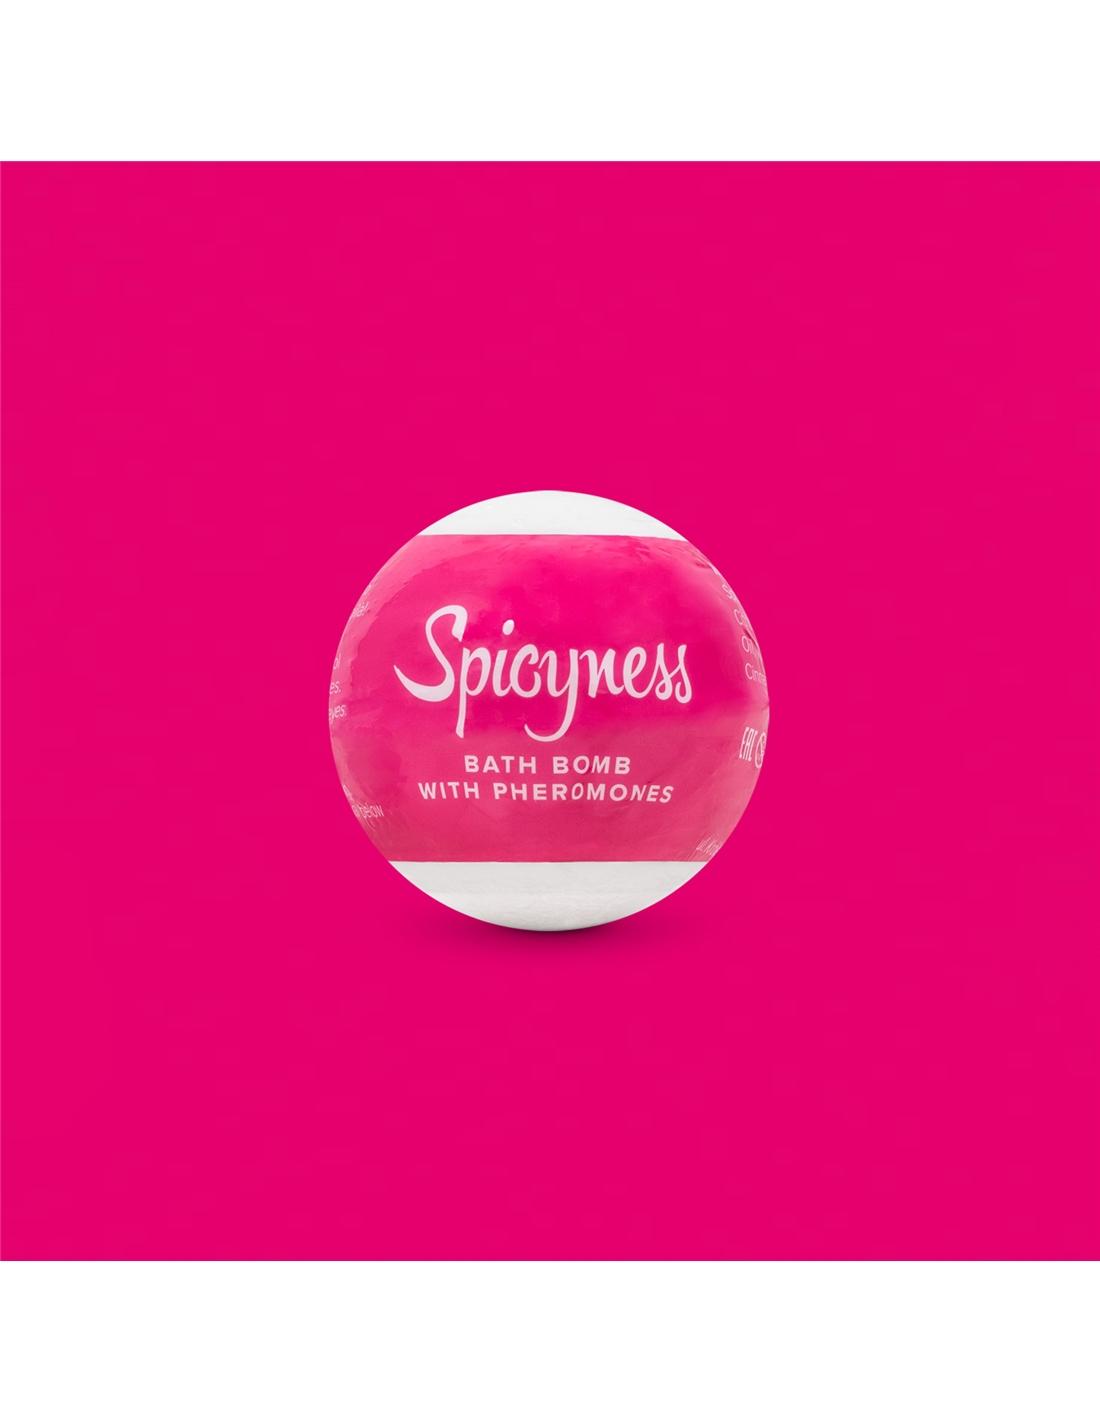 Bomba De Banho Com Feromonas Spicyness Obsessive - PR2010352394